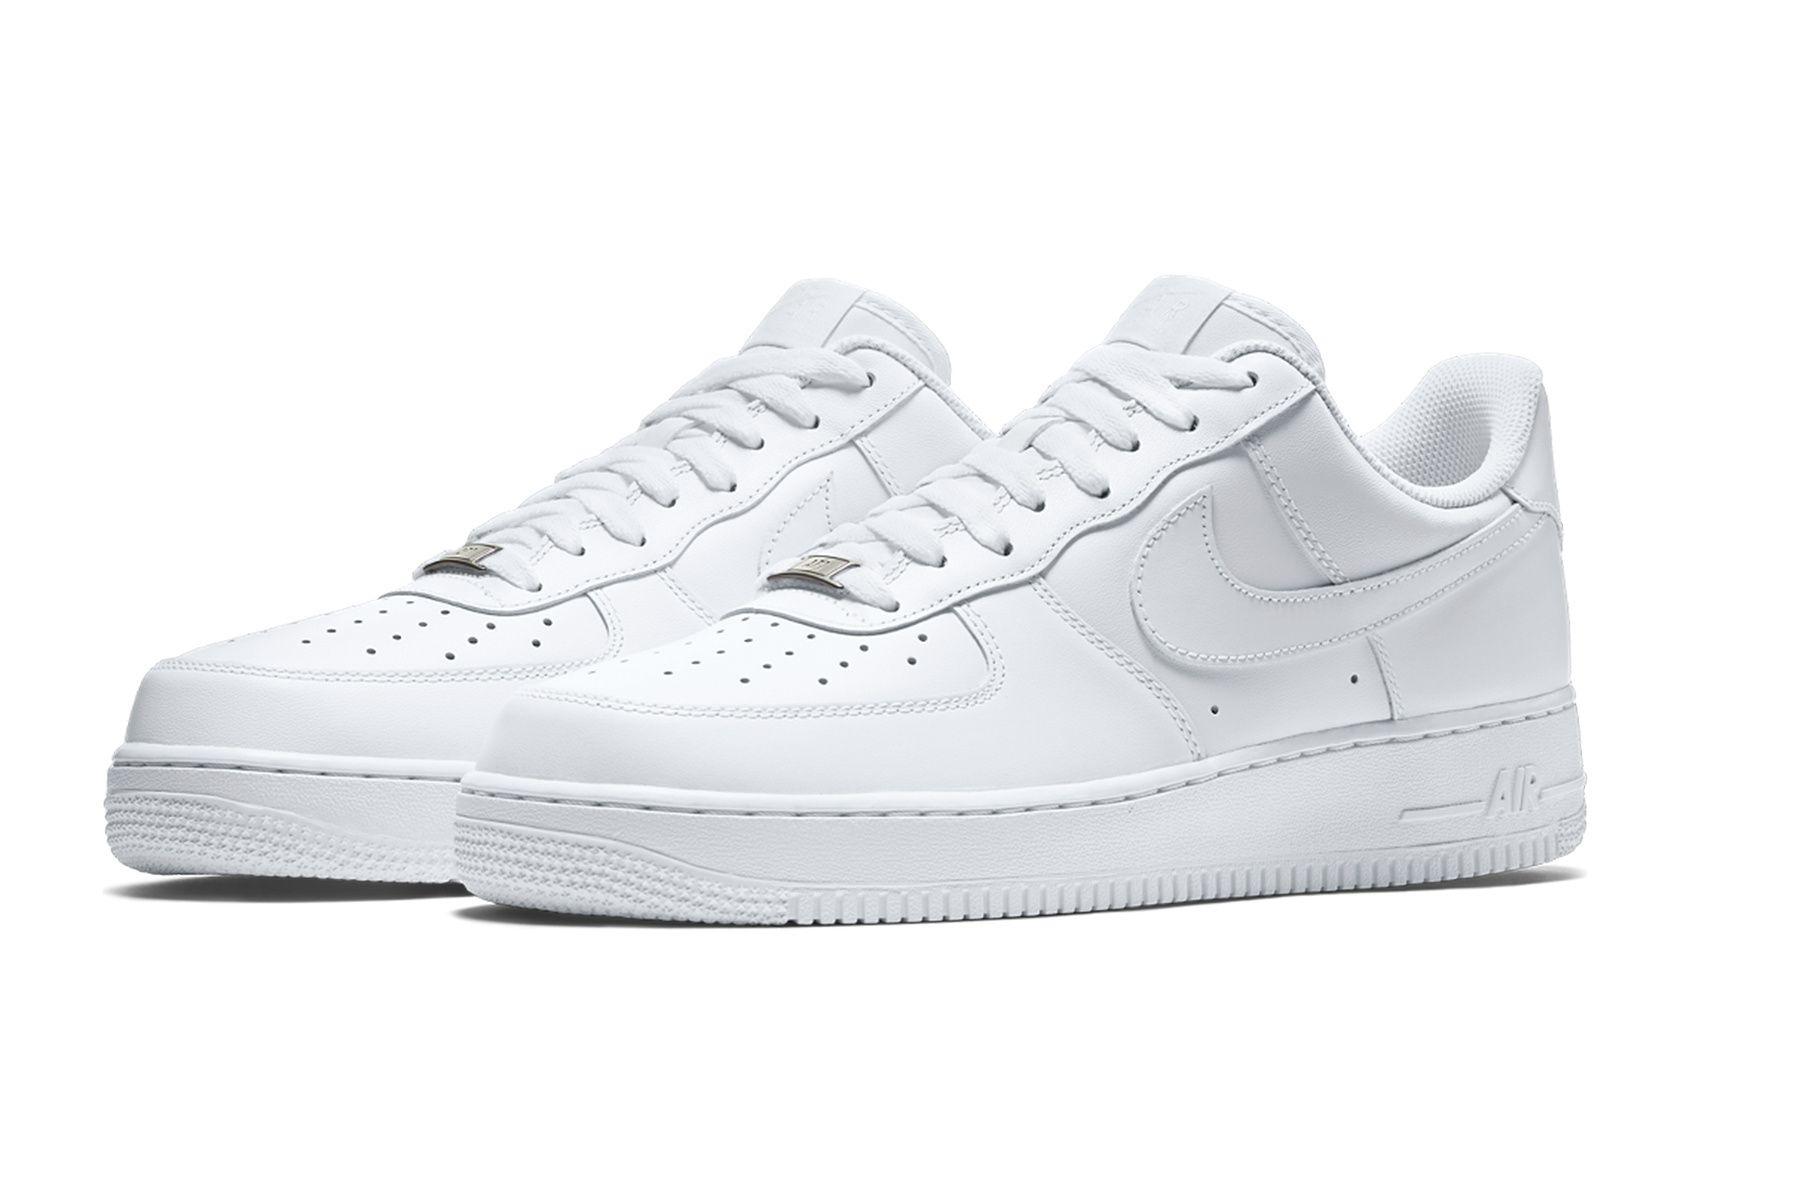 huge selection of df3cb 9cd6f Las zapatillas  Air Force 1  de color blanco de Nike